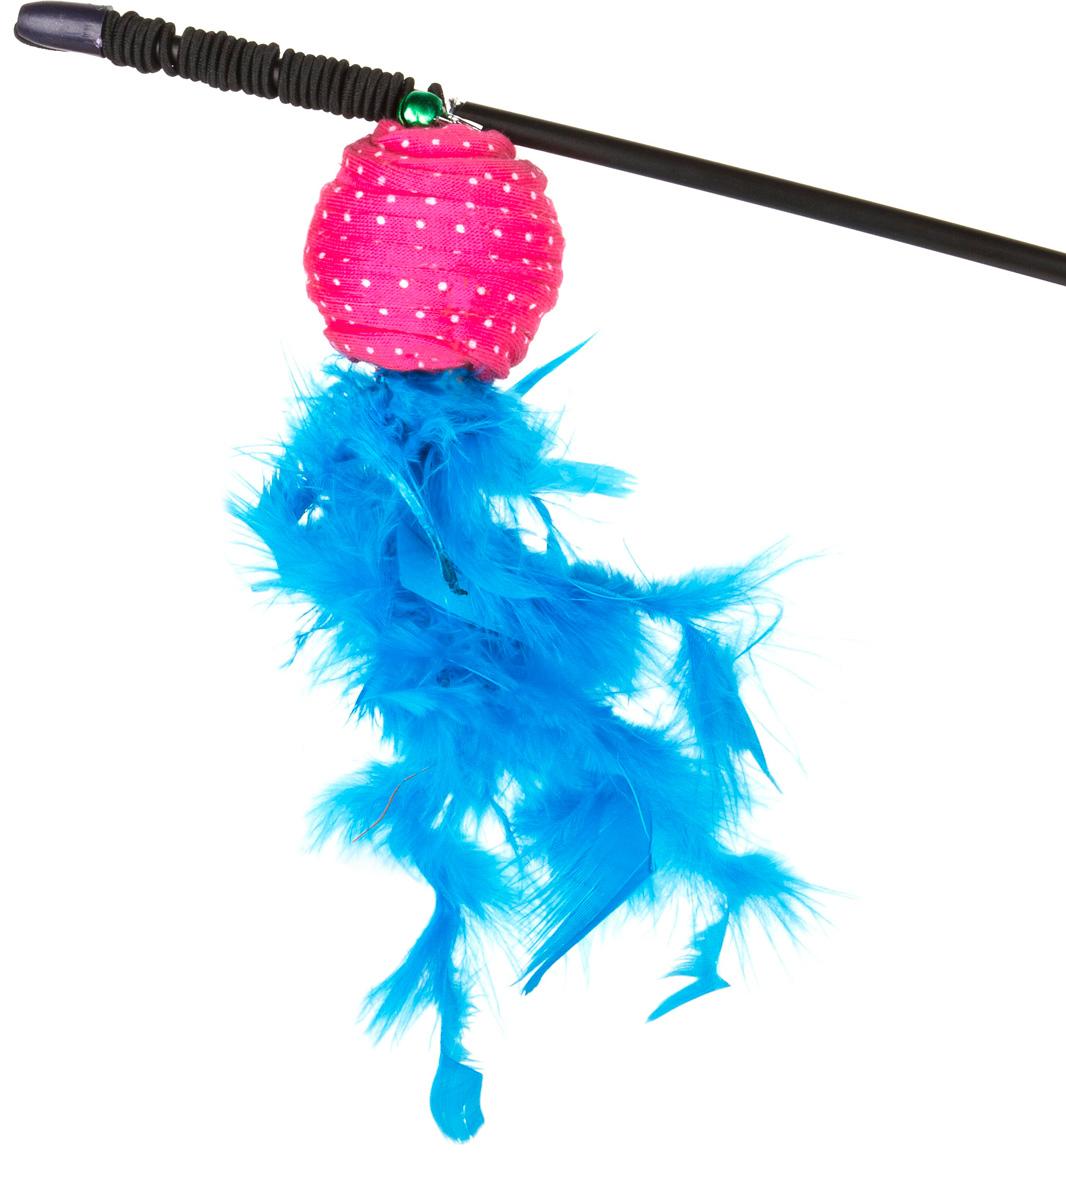 Игрушка-дразнилка для кошек GLG Полосатый шарик с перьями, длина 60 смGLG050Игрушка-дразнилка для кошек GLG Полосатый шарик с перьями представляет собой пластиковую палочку, на конце которой прикреплен шарик с перьями. Игрушка на резинке, хорошо пружинит и отскакивает. Игрушка поможет развить мускулатуру и реакцию кошки, а также удовлетворит её охотничий инстинкт. Способствует балансировке нервной системы, повышению мышечного тонуса, правильному развитию скелета. Рекомендуется для совместных игр хозяина с питомцем.Длина игрушки: 60 см. Уважаемые клиенты!Обращаем ваше внимание на цветовой ассортимент товара. Поставка осуществляется в зависимости от наличия на складе.